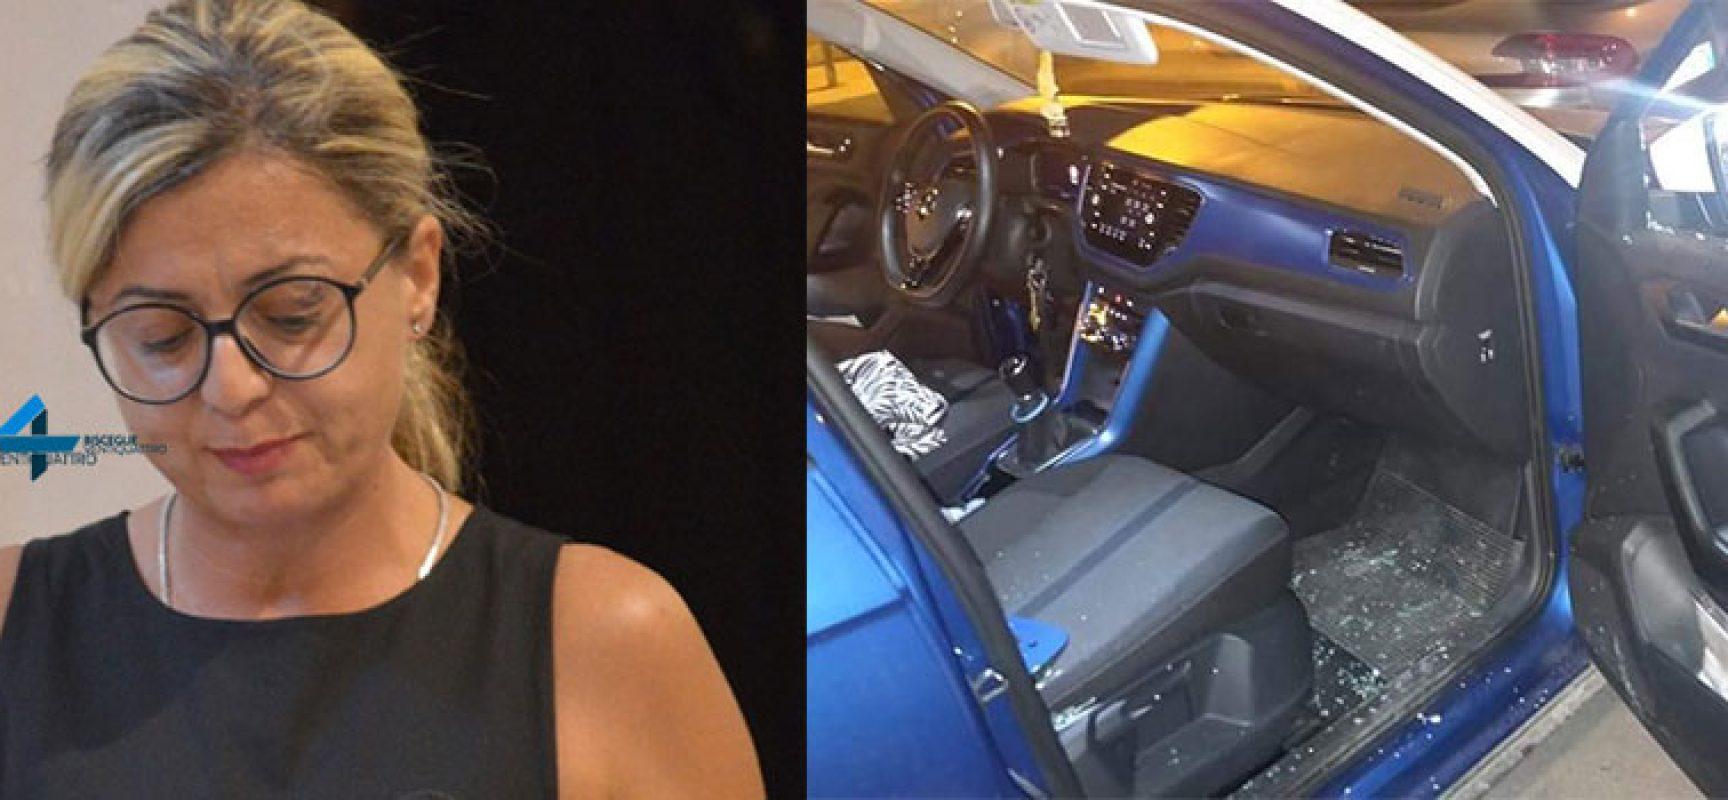 Termina consiglio comunale e trova auto danneggiata, spiacevole sorpresa per Giorgia Preziosa